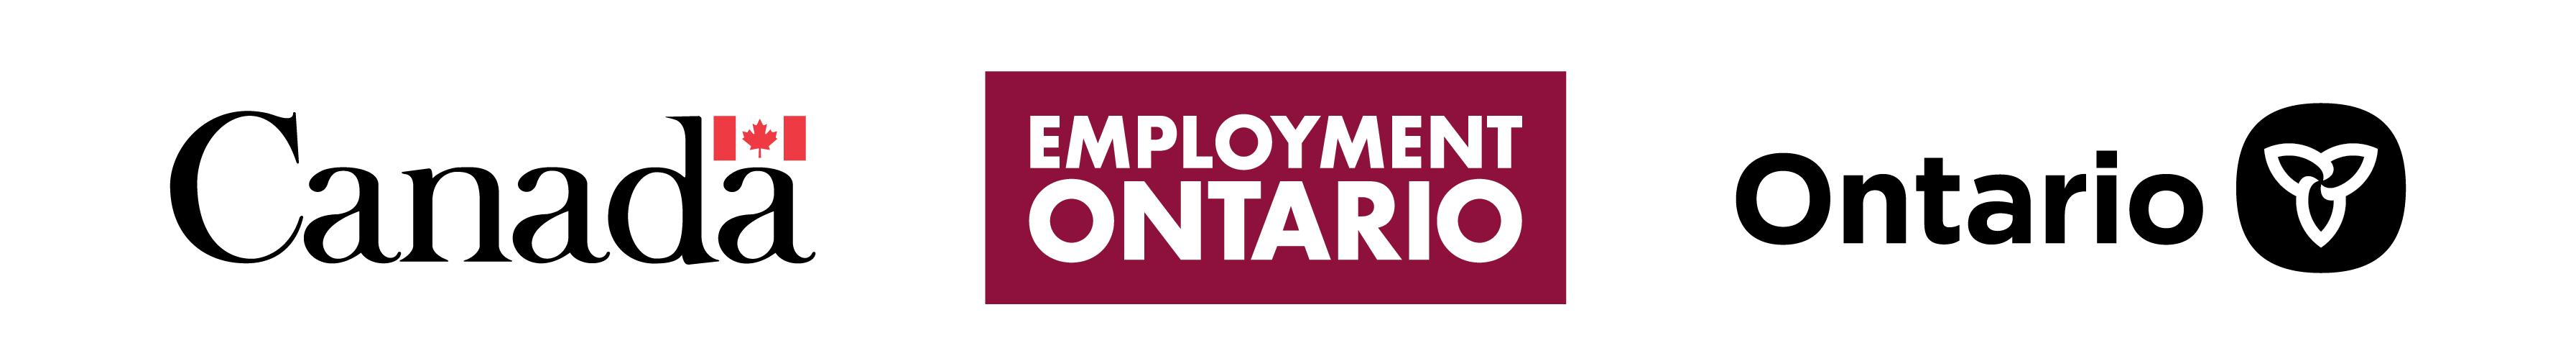 Employment Ontario tri logo